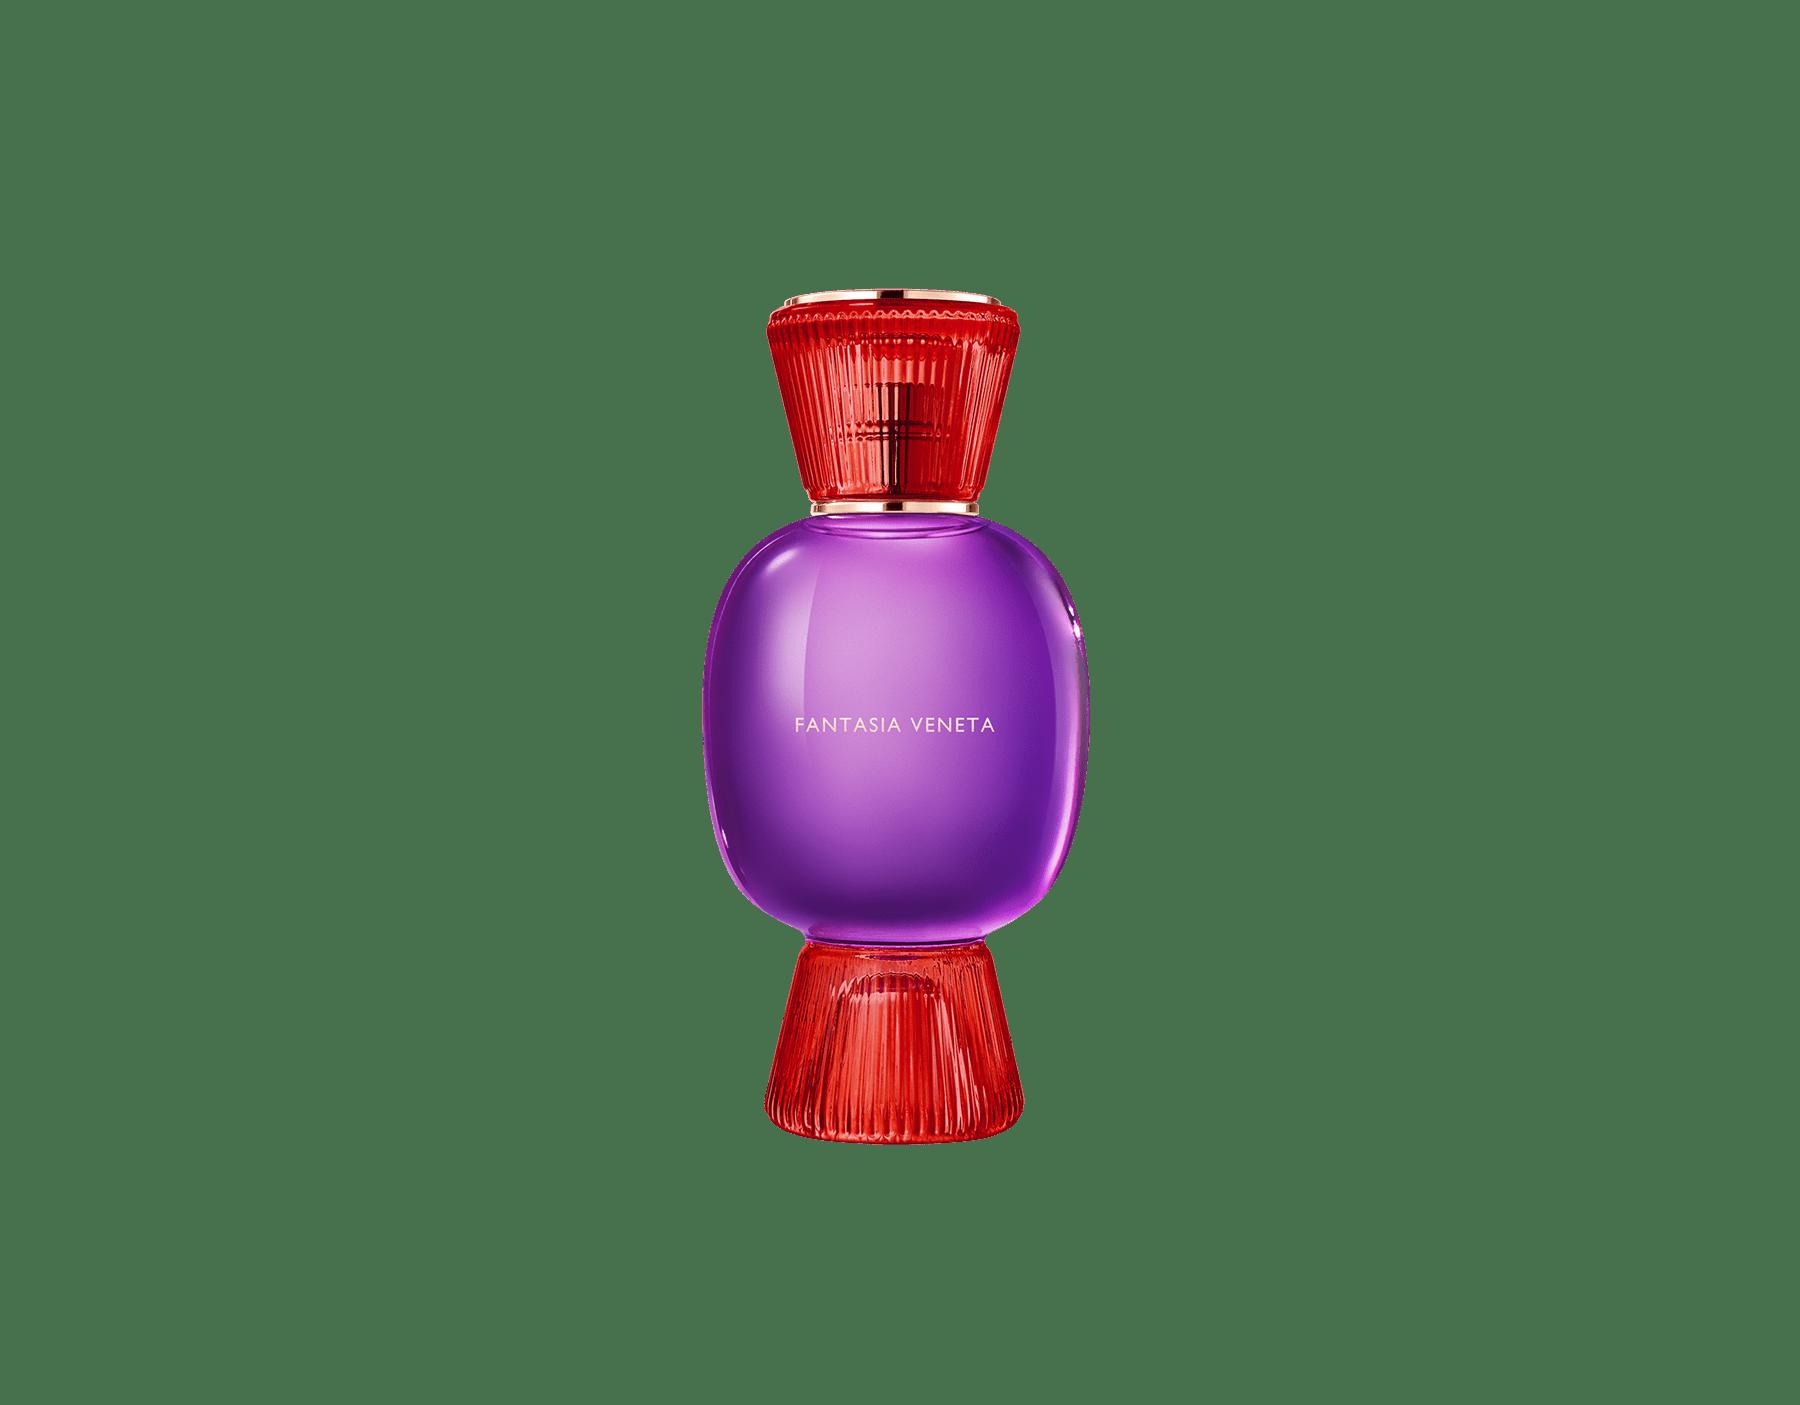 «C'est la quintessence de la sophistication italienne devenue parfum.» Jacques Cavallier Une fragrance chyprée festive pour représenter la ferveur de la plus incroyable Festa italienne 41243 image 1